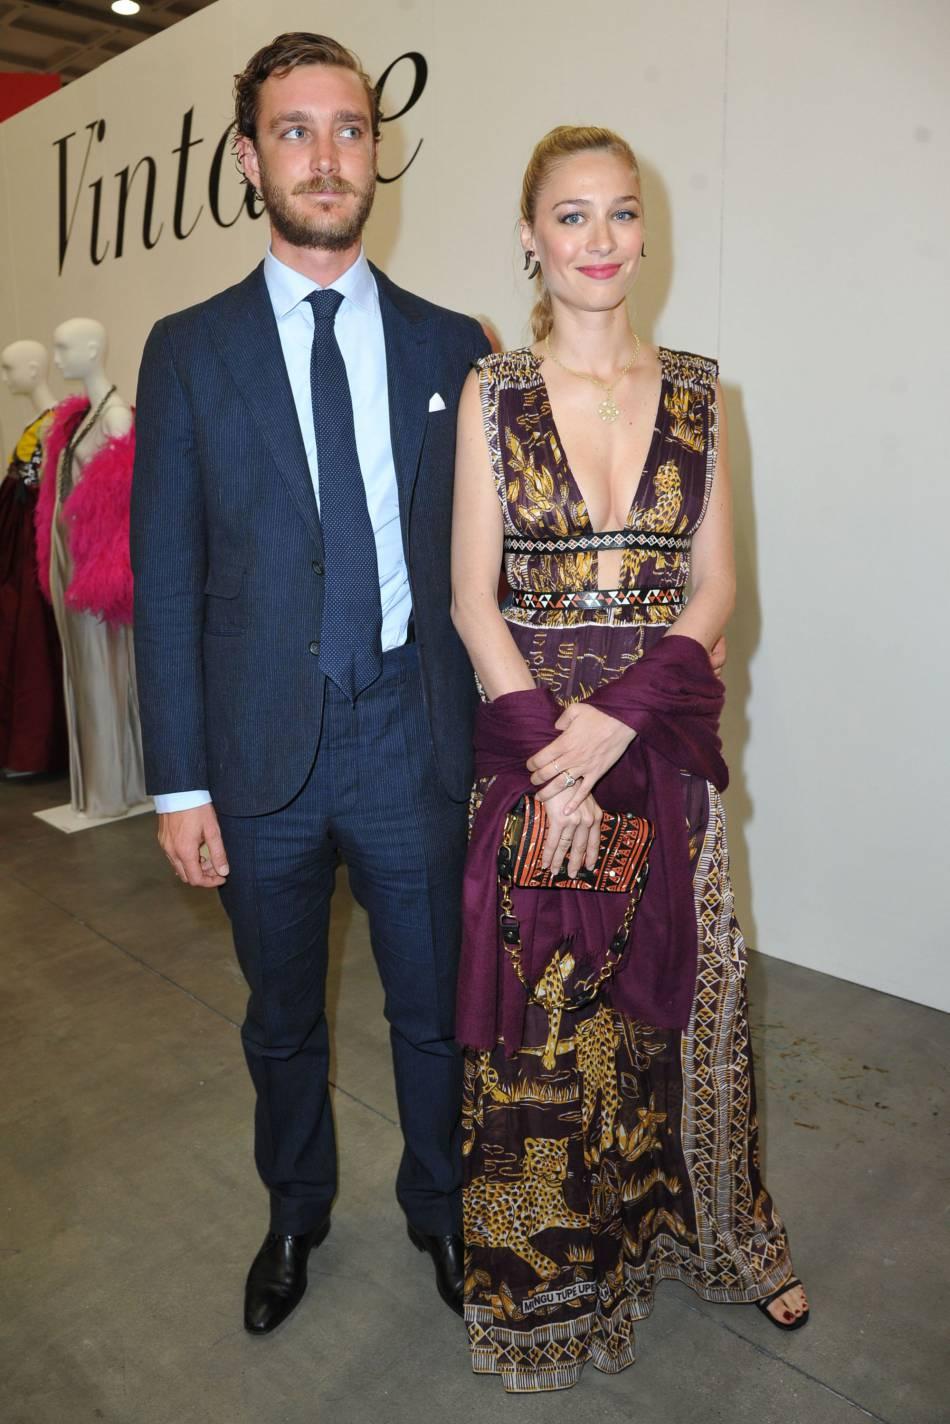 Pierre Casiraghi et sa femme Beatrice Borromeo : un couple assorti et très chic, pour une soirée sélect à Milan.